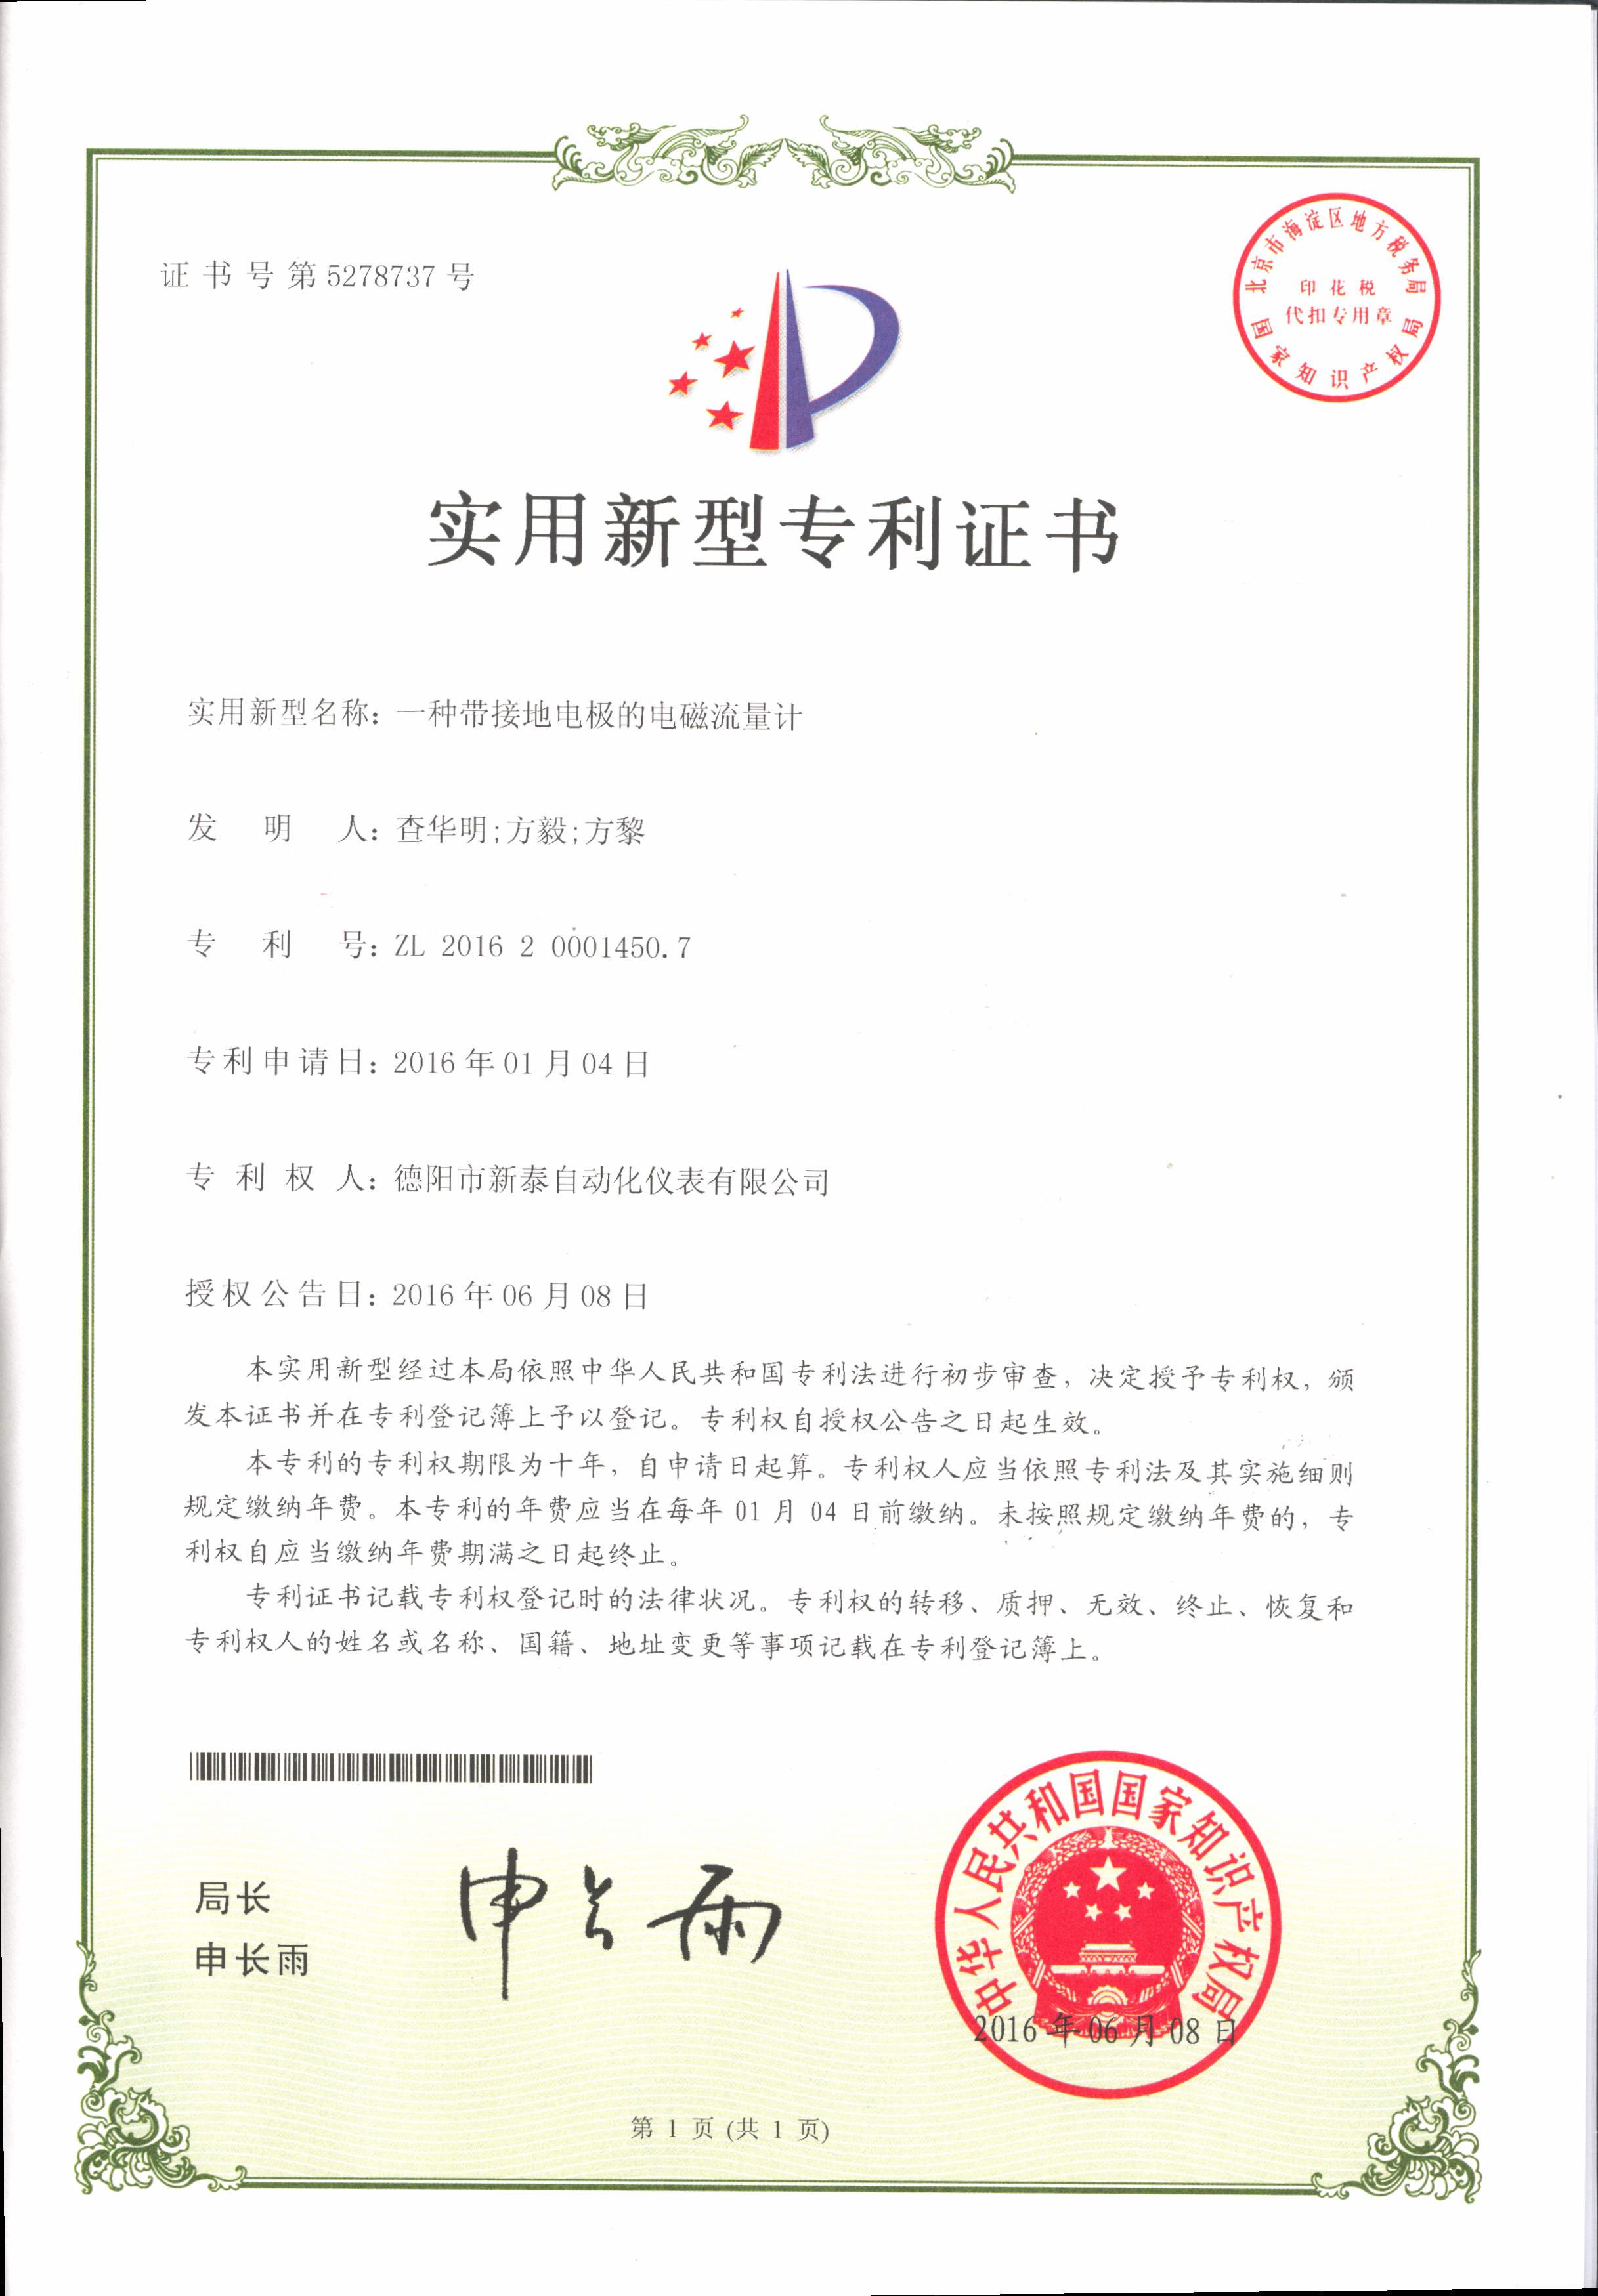 日本avapp下载专利证书--实用新型-一种带接地电极的电磁流量计